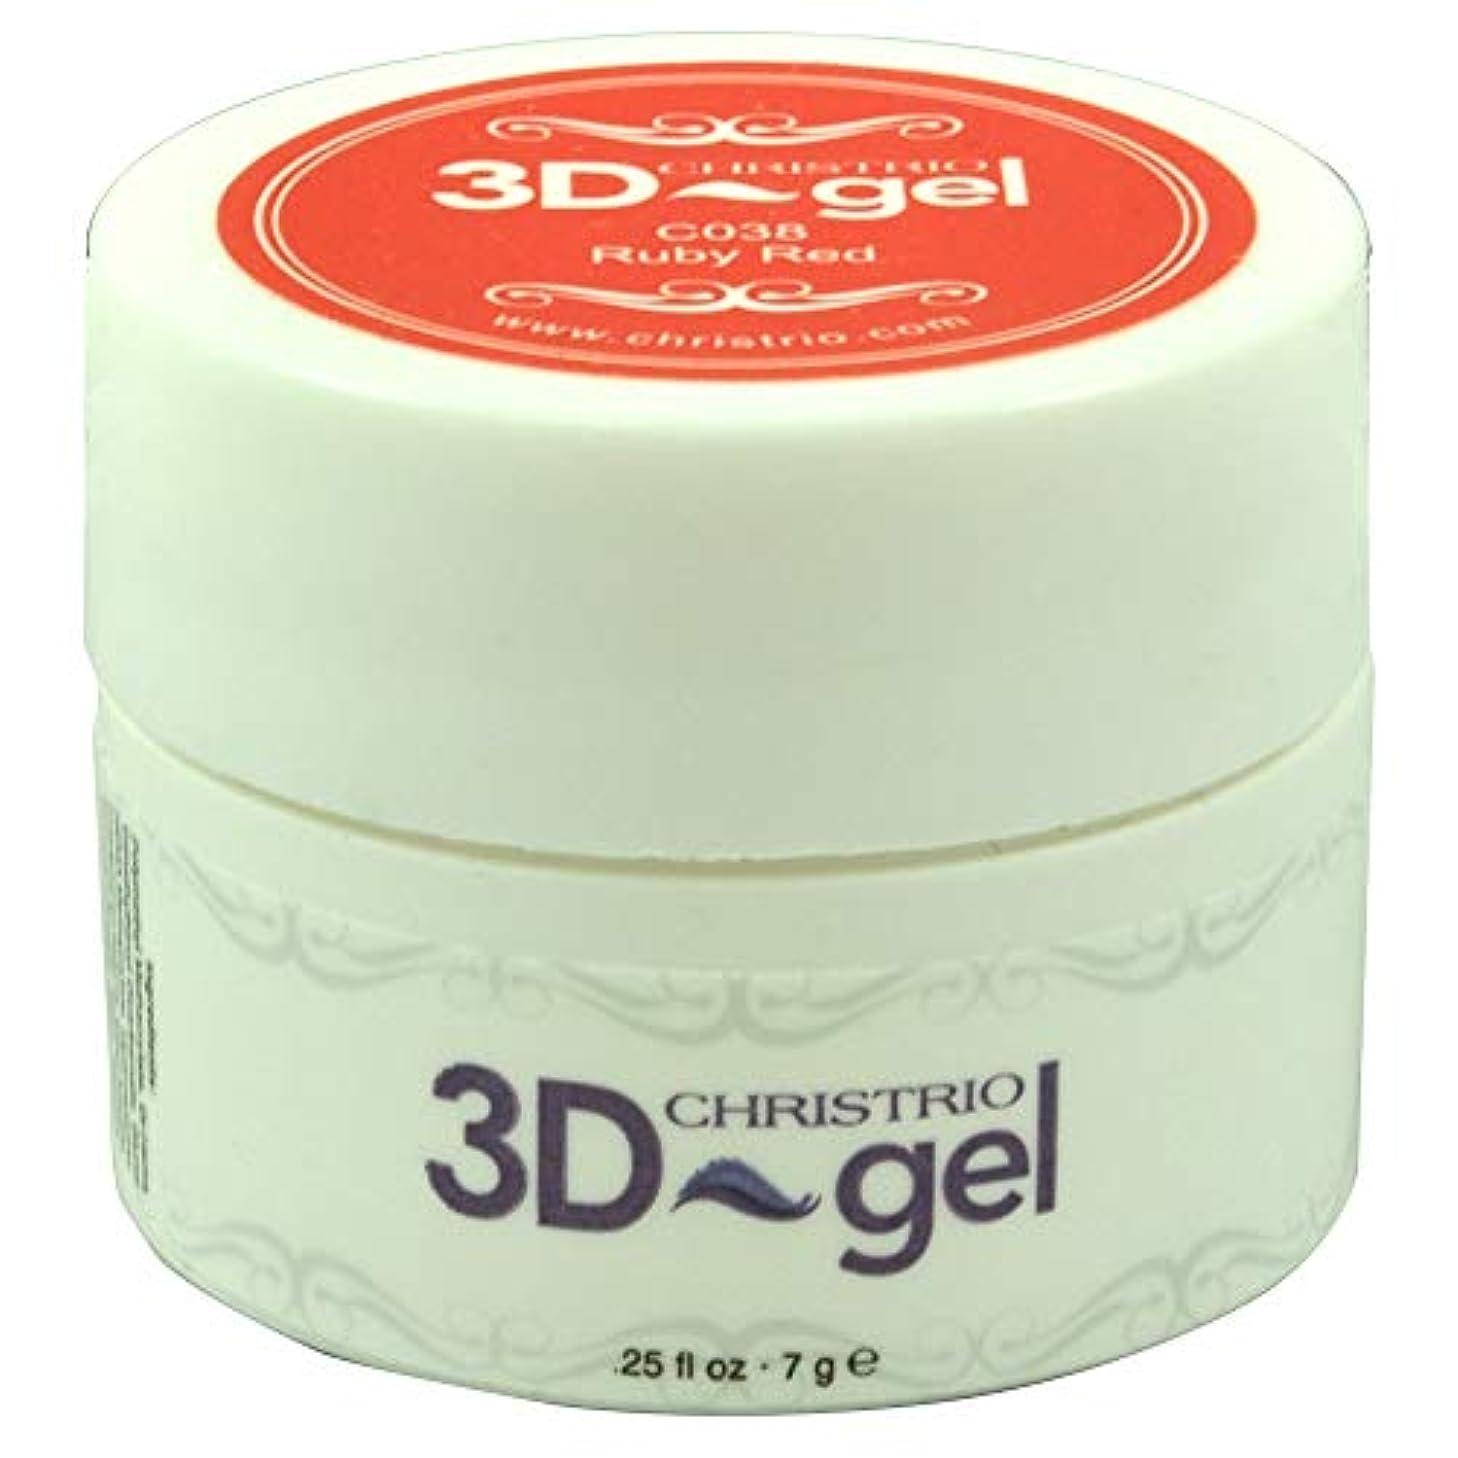 アトム軽蔑調停するCHRISTRIO 3Dジェル 7g C038 ルビーレッド